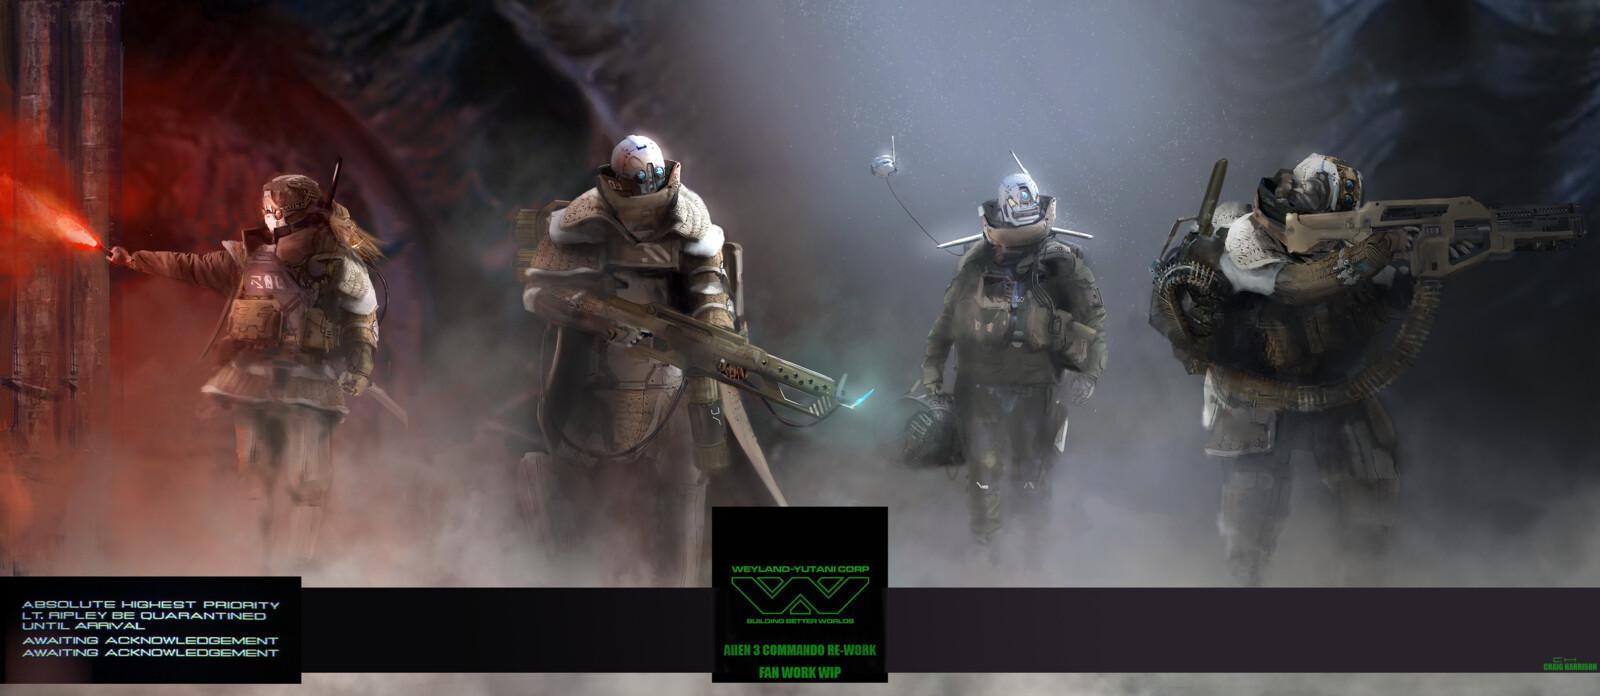 Alien 3 Commando Re-work